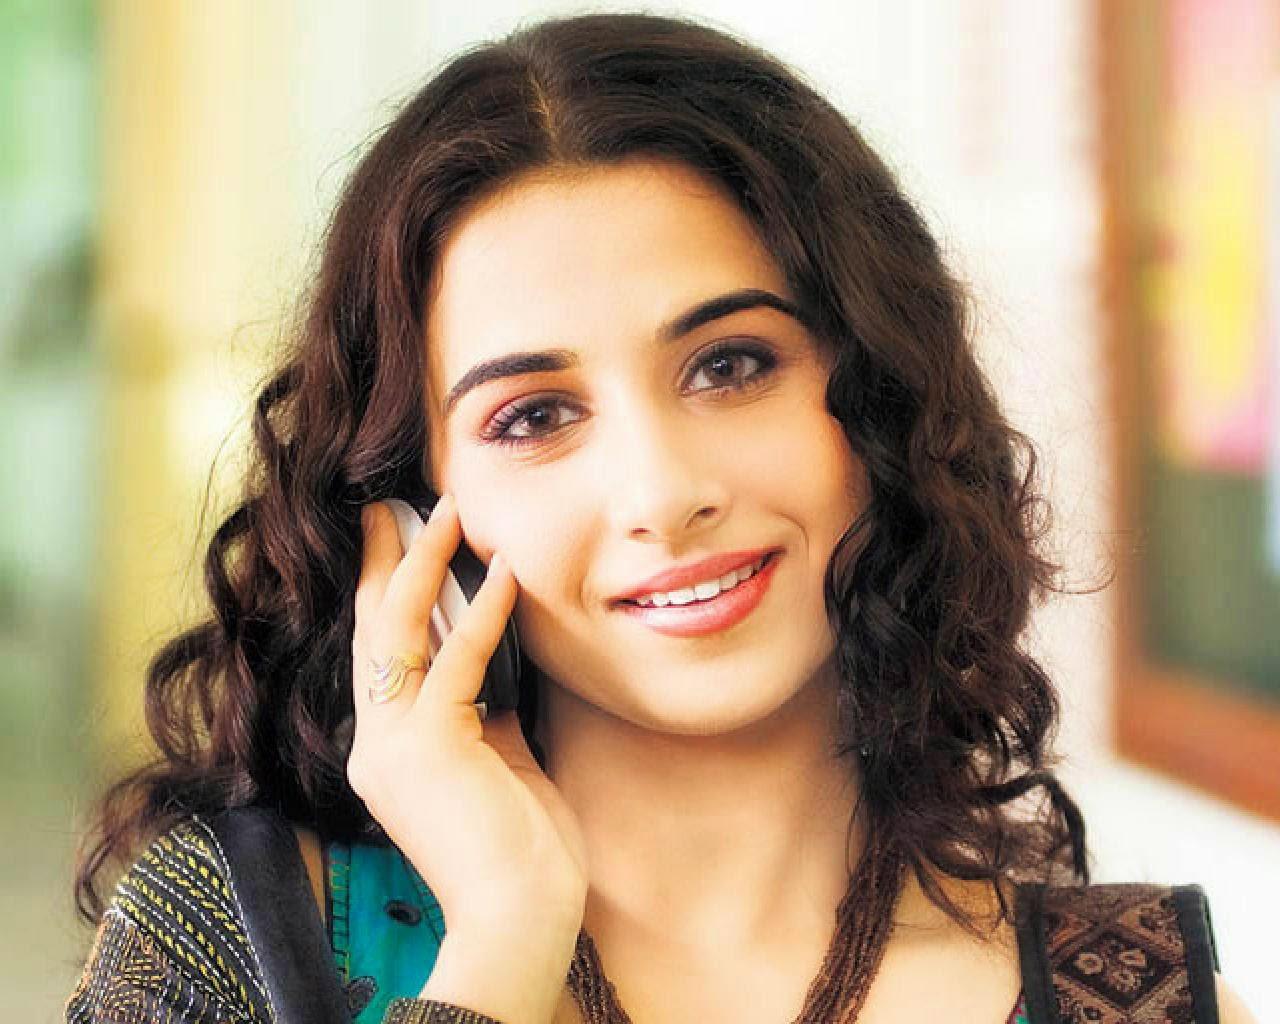 vidya balan actress in mobile clear image